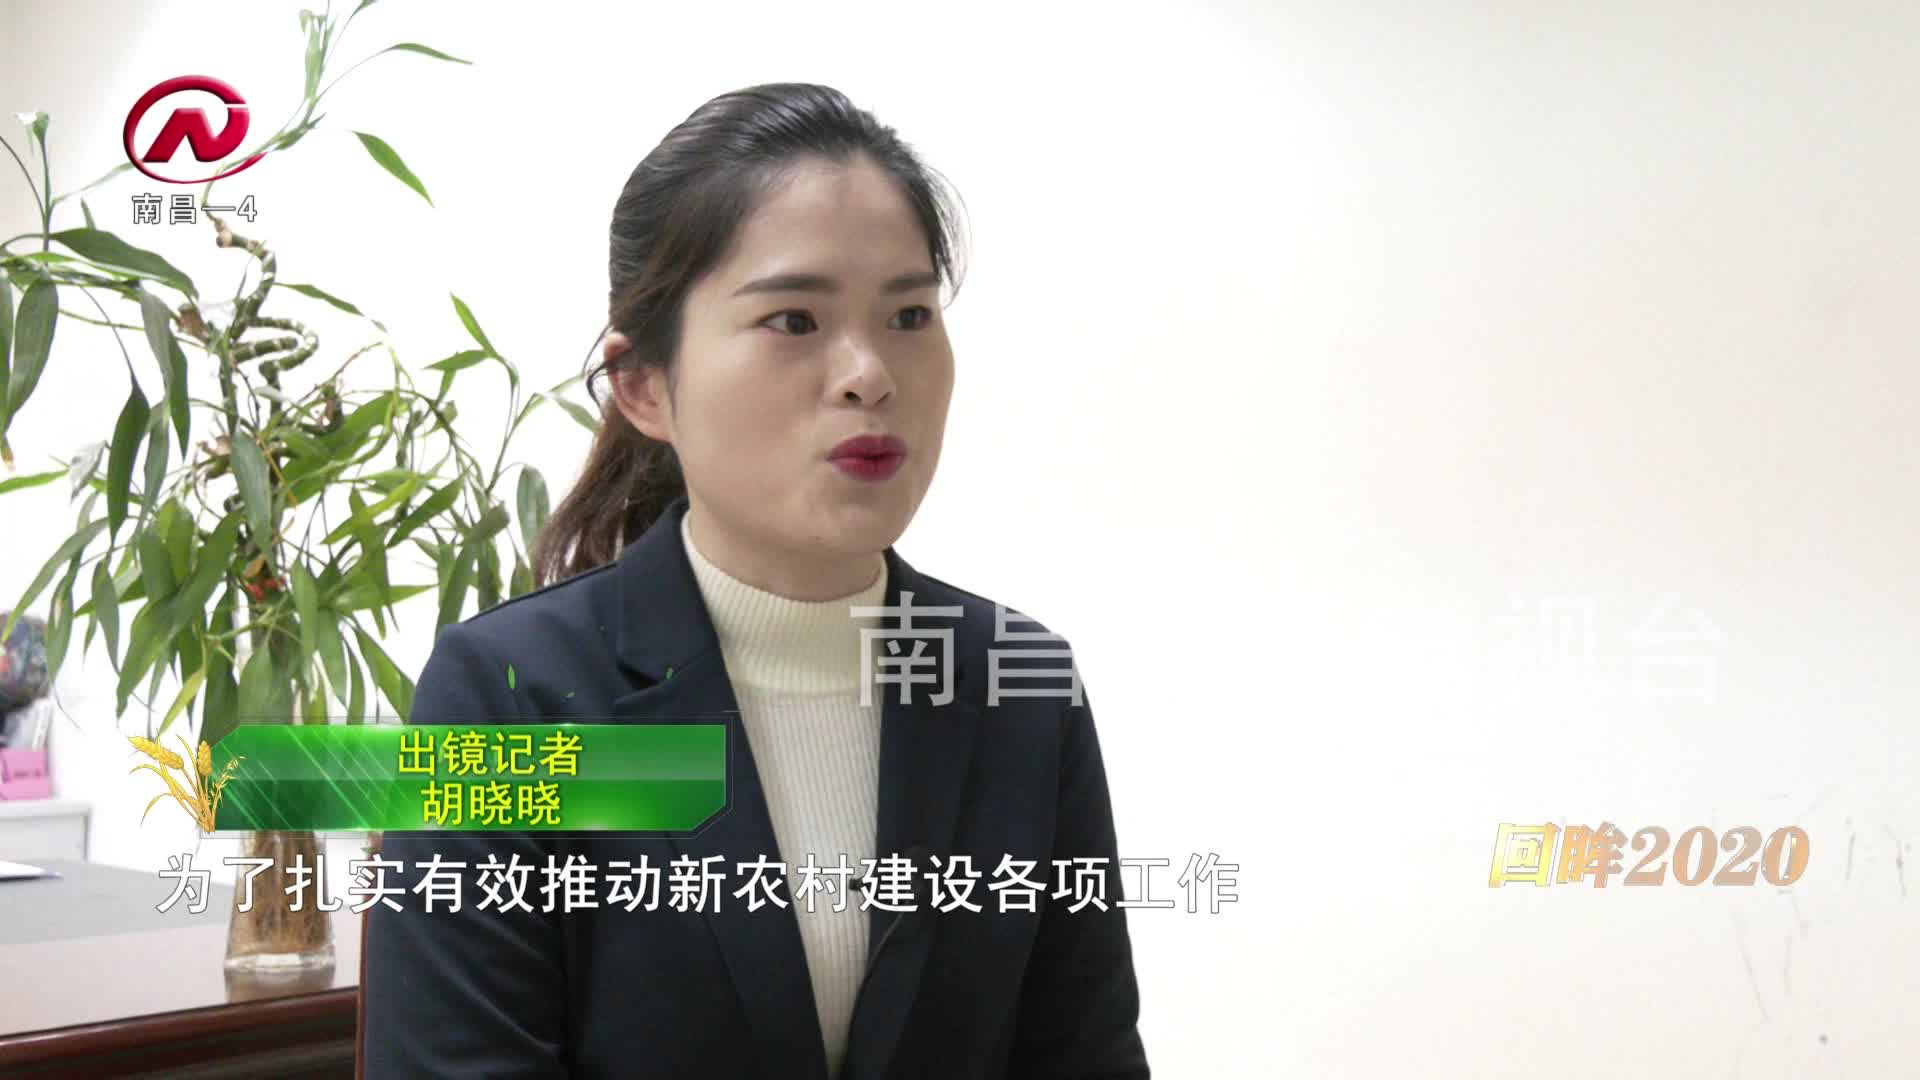 【豫章农视】汪昌生:高质量推进新农村建设  打造82个美丽宜居试点村